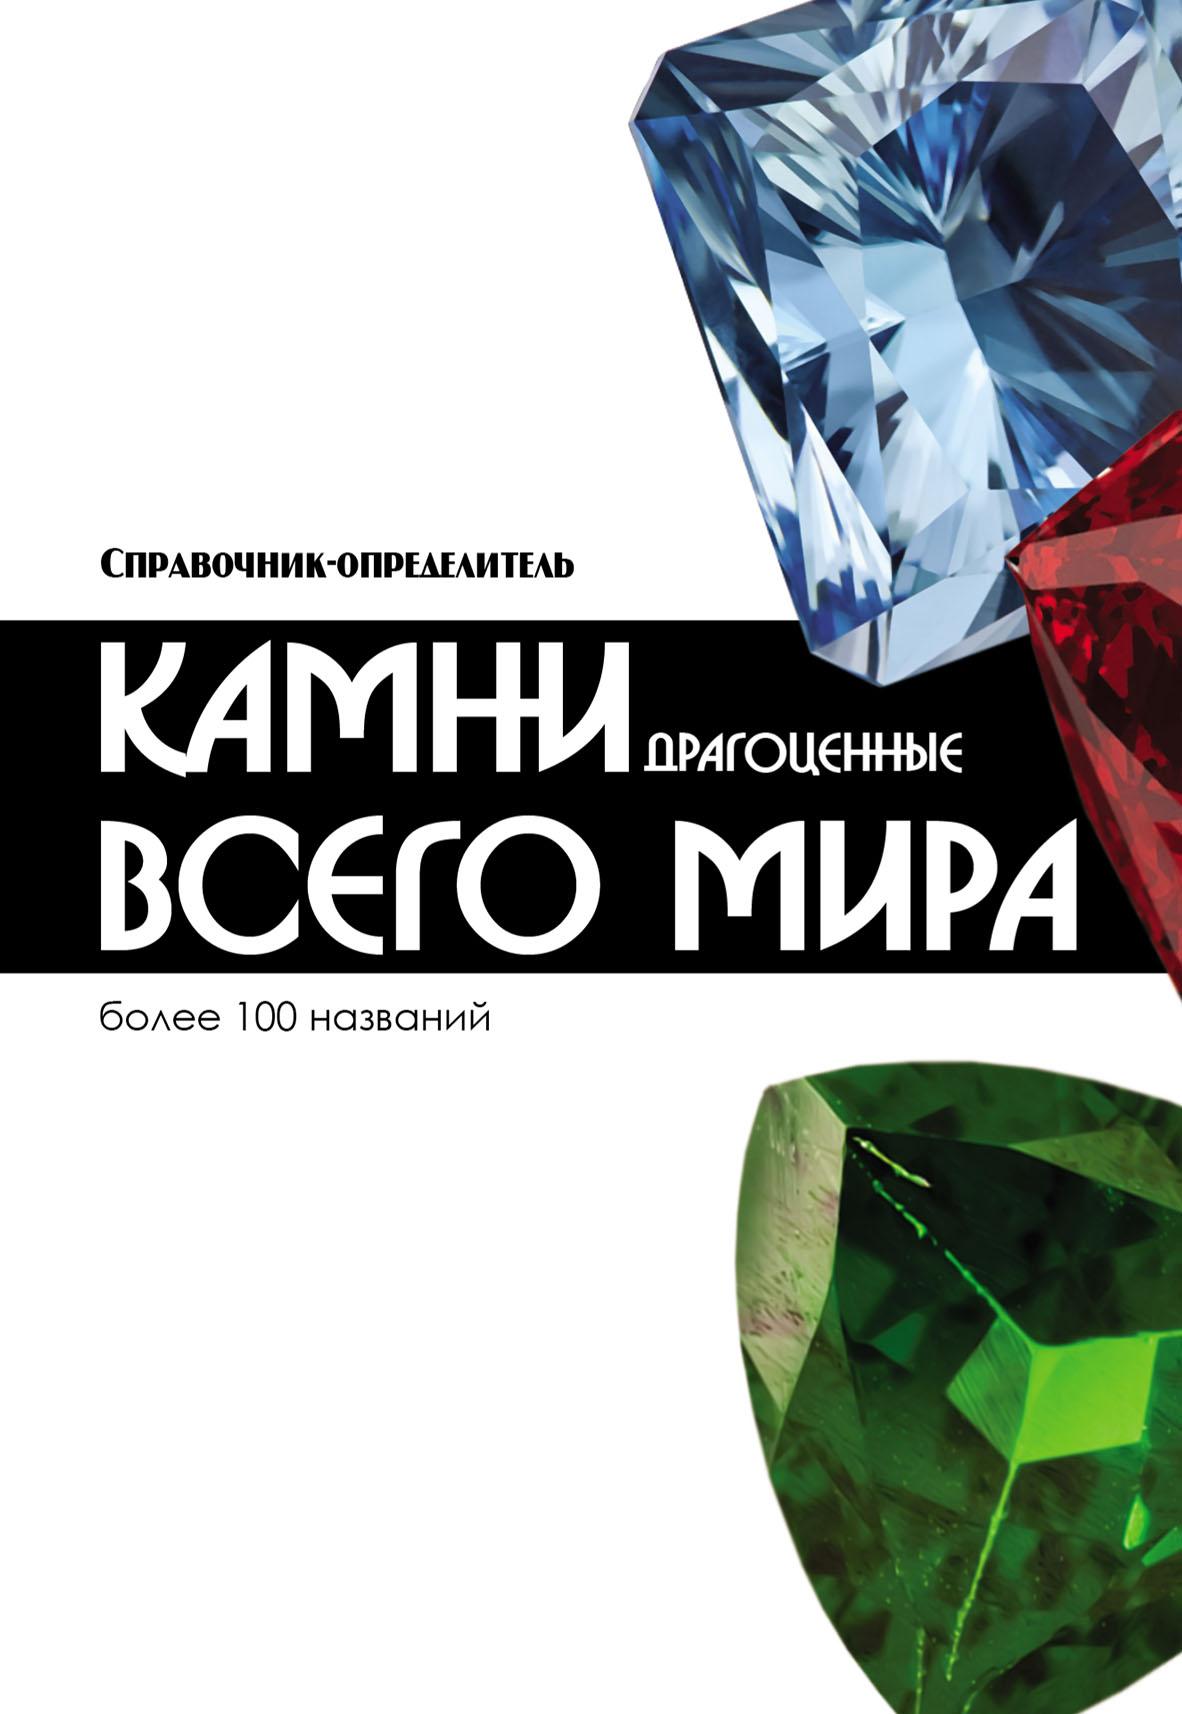 Андрей Жуков Драгоценные камни всего мира